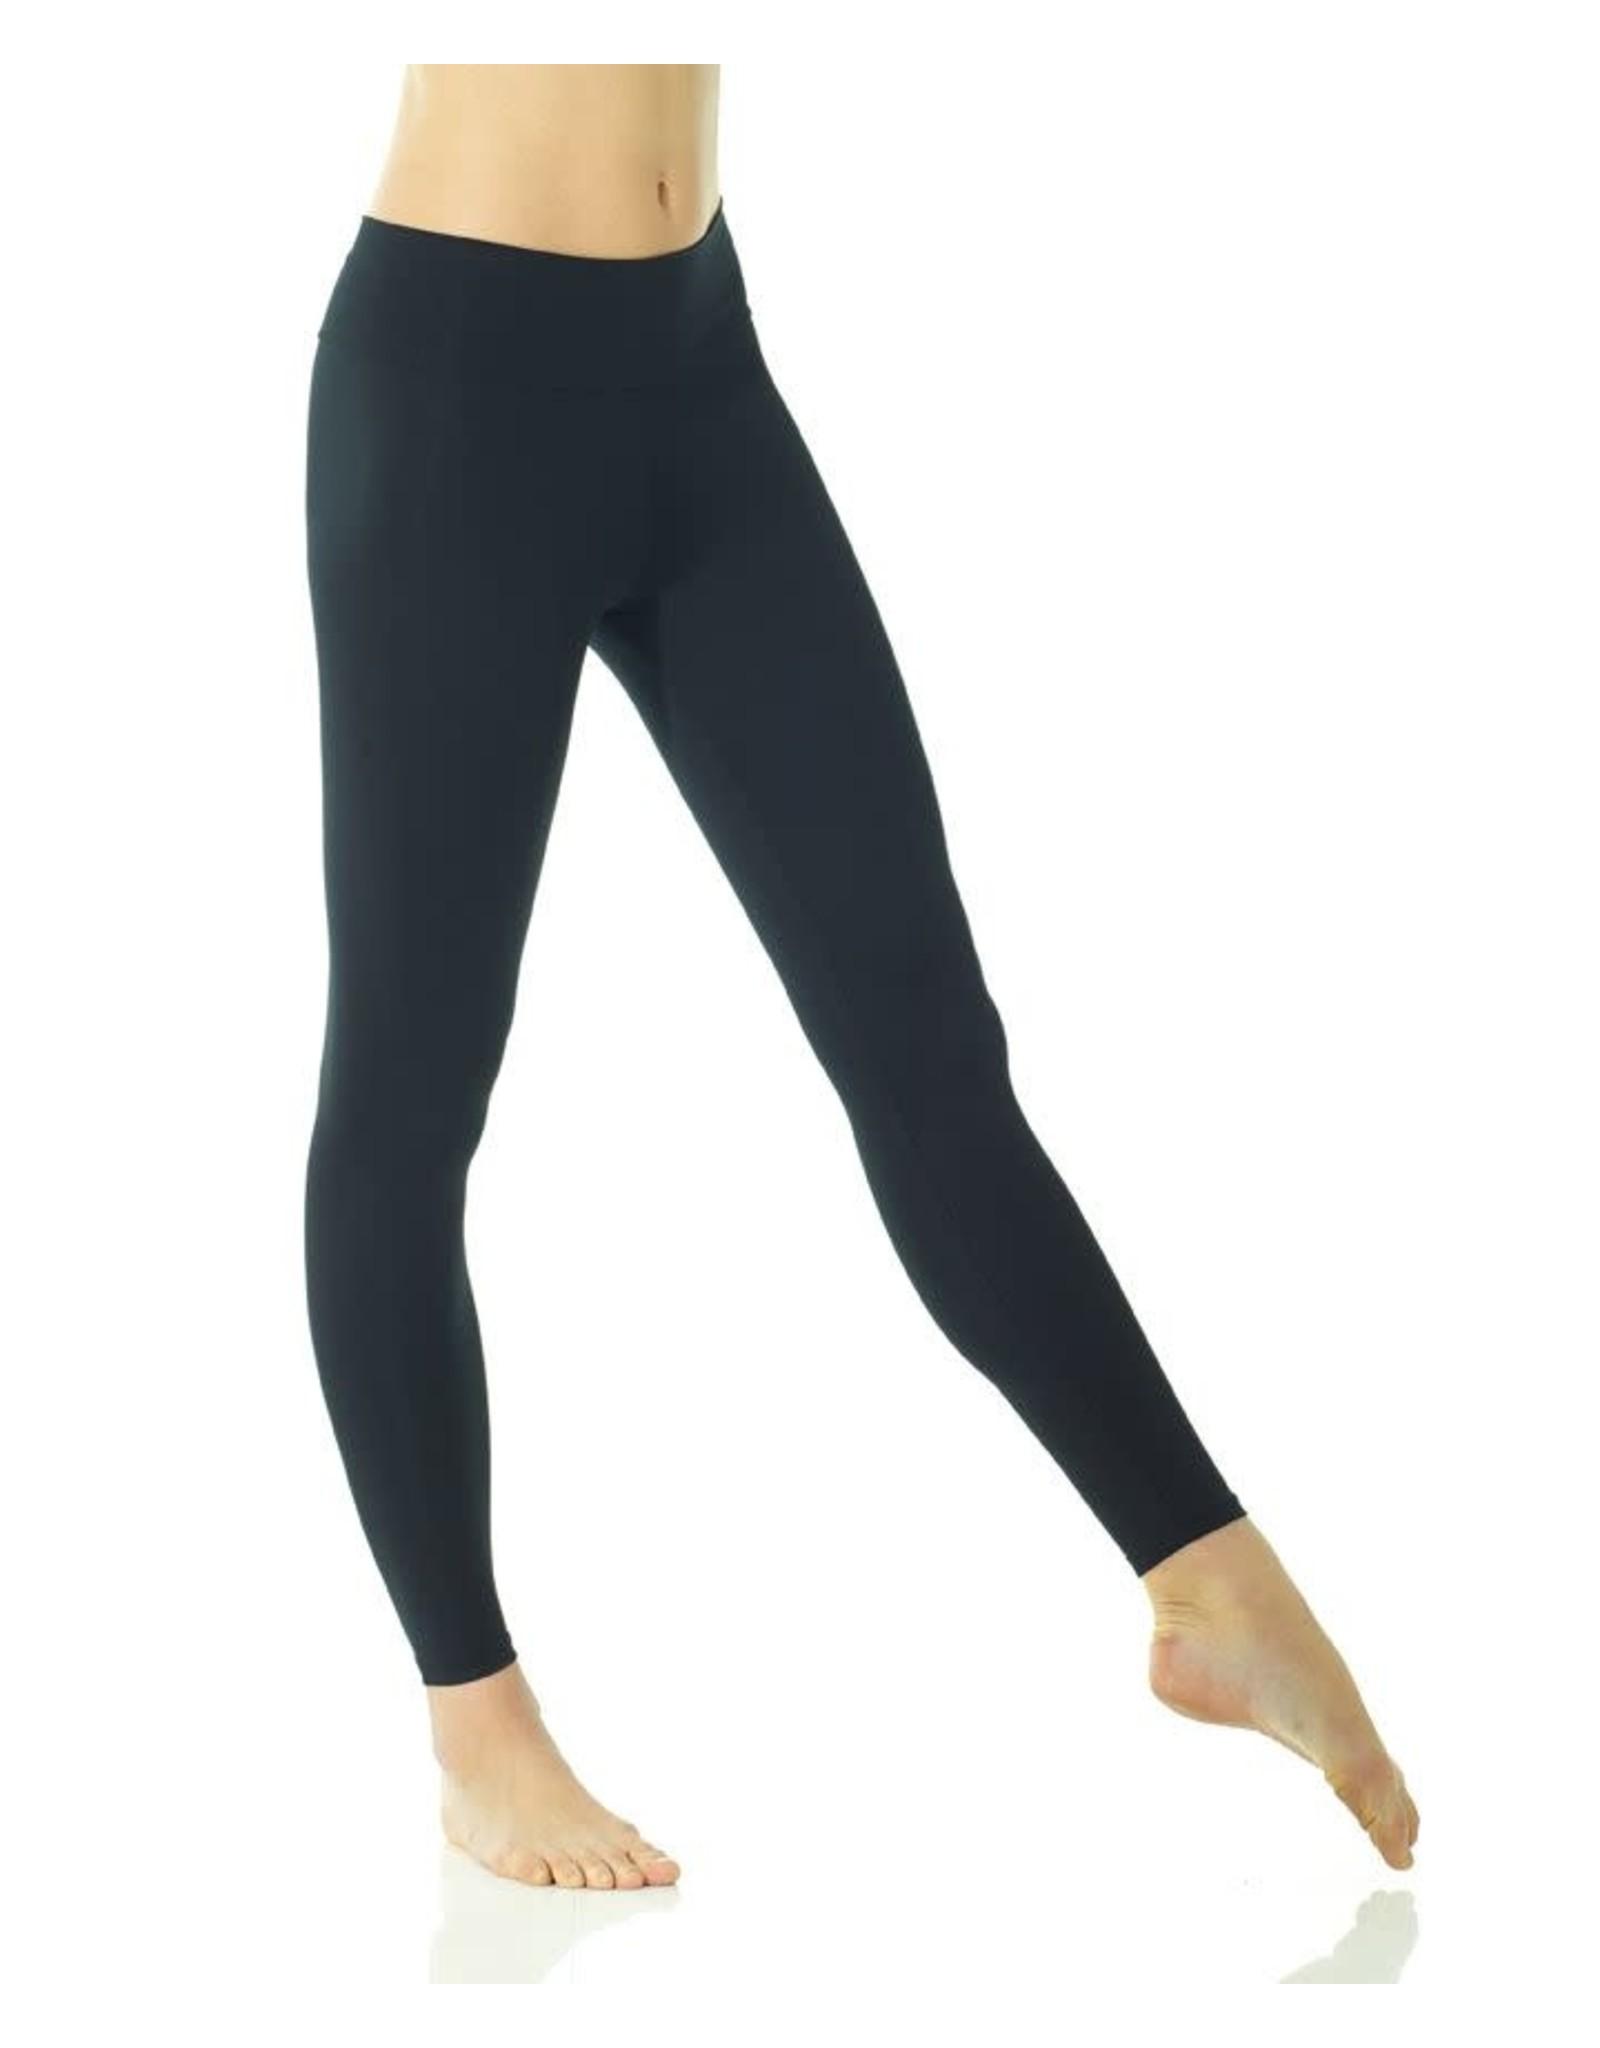 Mondor Legging 3529 identifié académie de ballet Christy